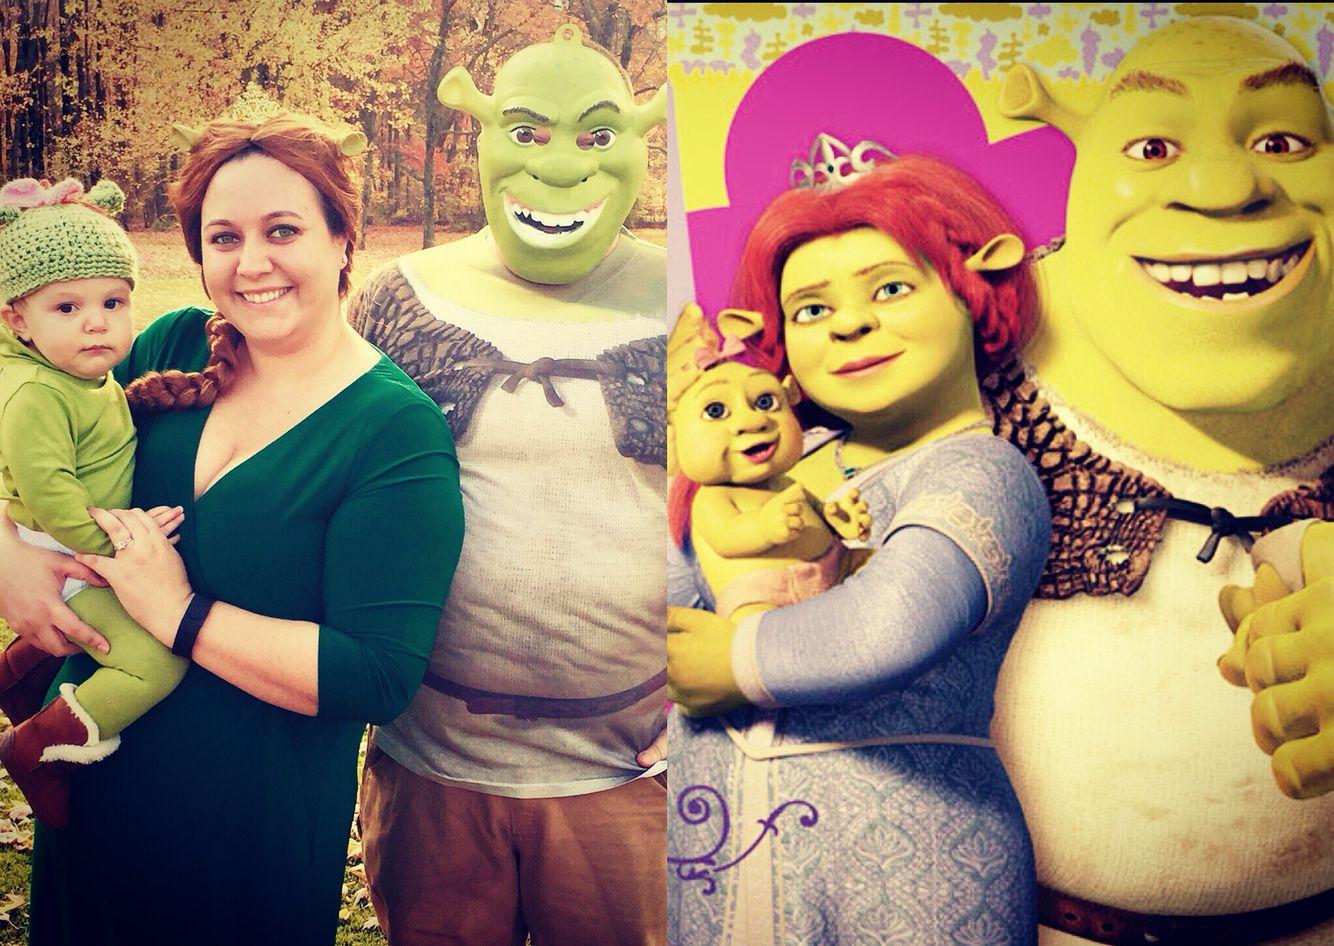 Familycostume Halloween Shrek Family Halloween Costume Shrek Halloween Costume Family Costumes Family Halloween Costumes